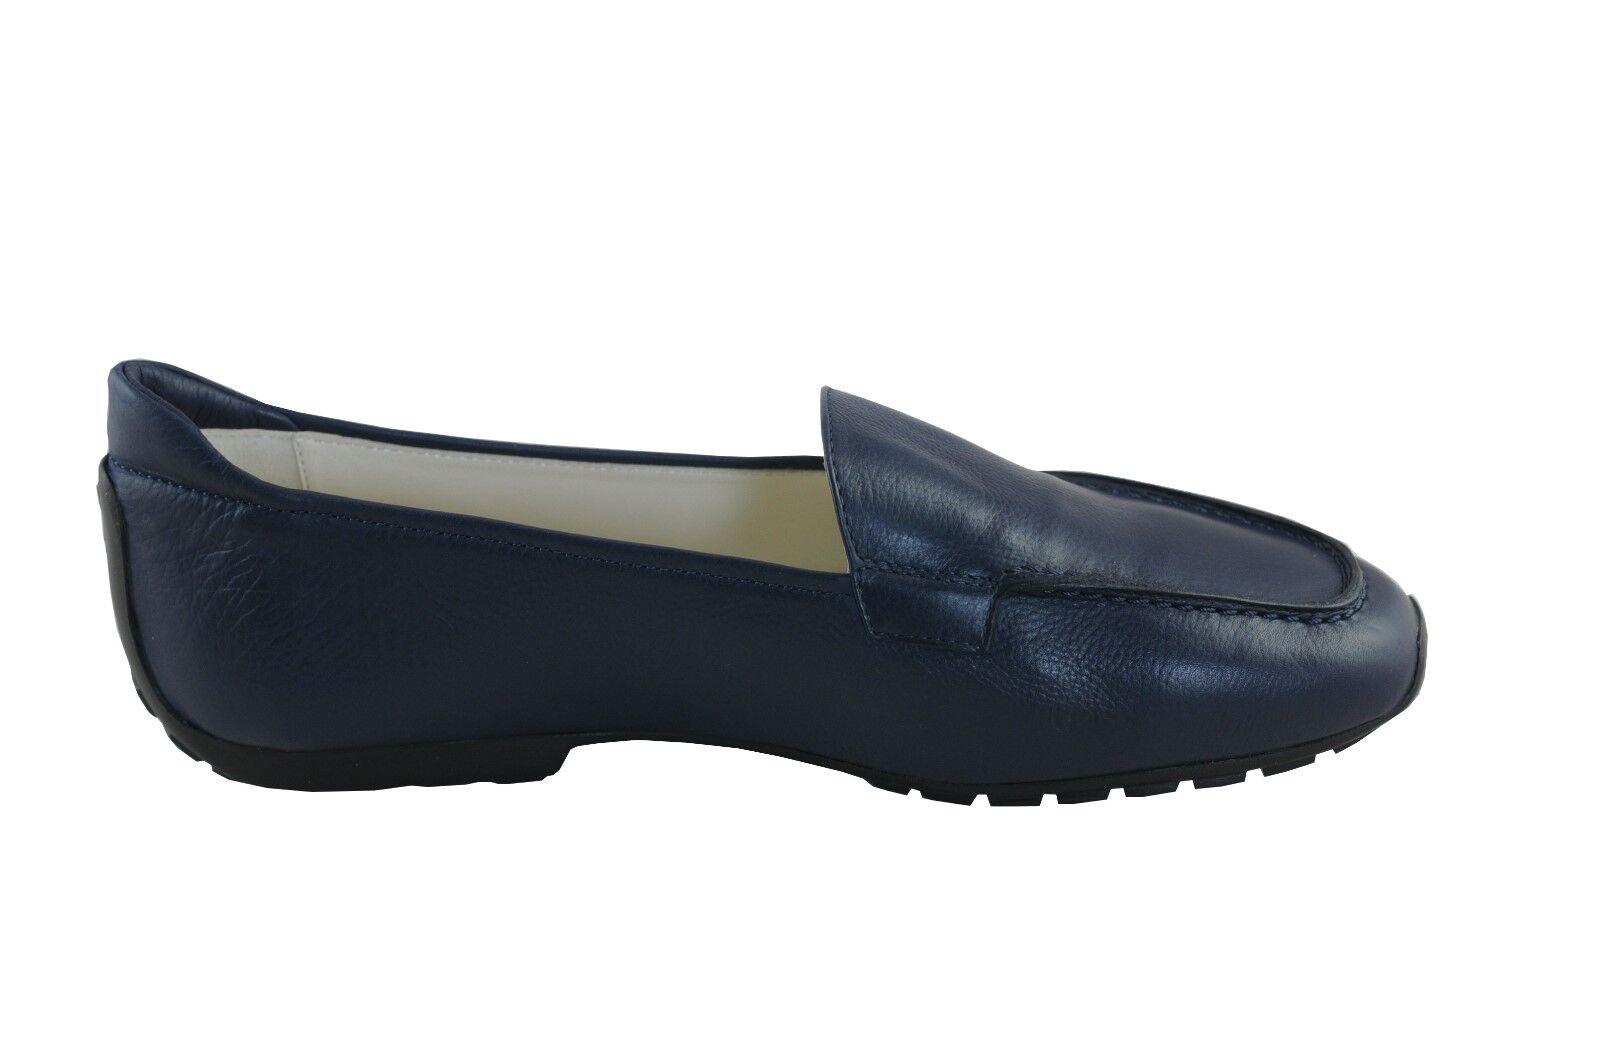 Mania Zapatos seora mocasín neumáticos fm25 azul oscuro neumáticos mocasín Procar suela de caucho azul a97ad9